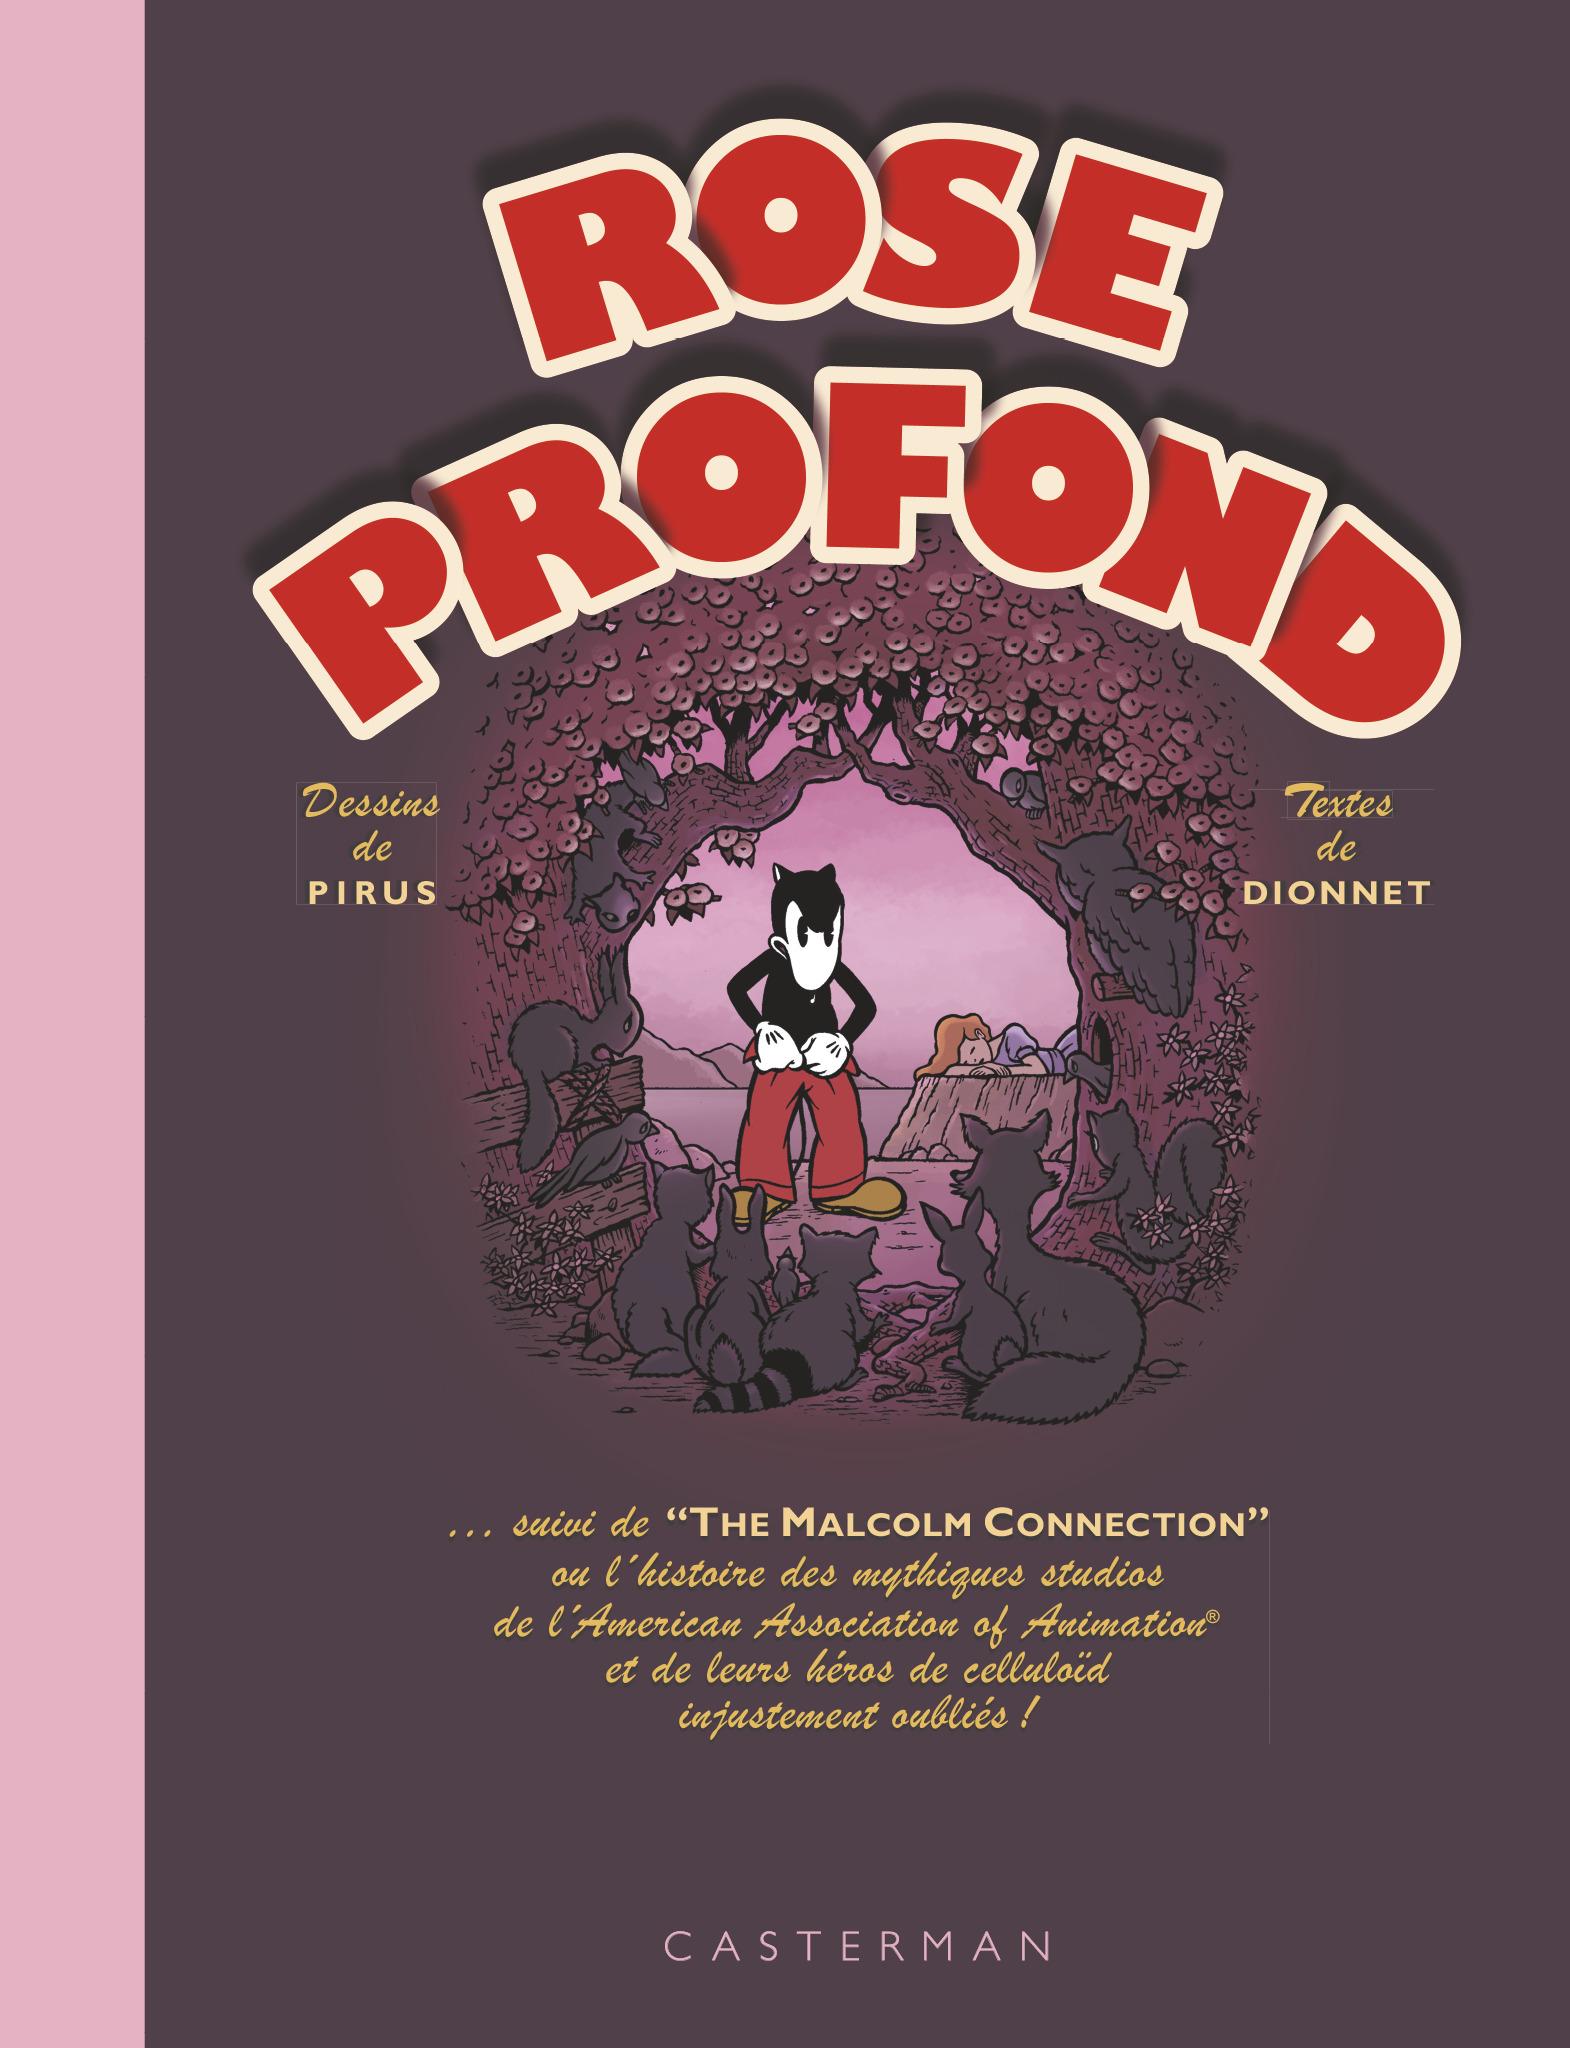 Rose Profond réédition Dionnet Pirus Casterman Couverture